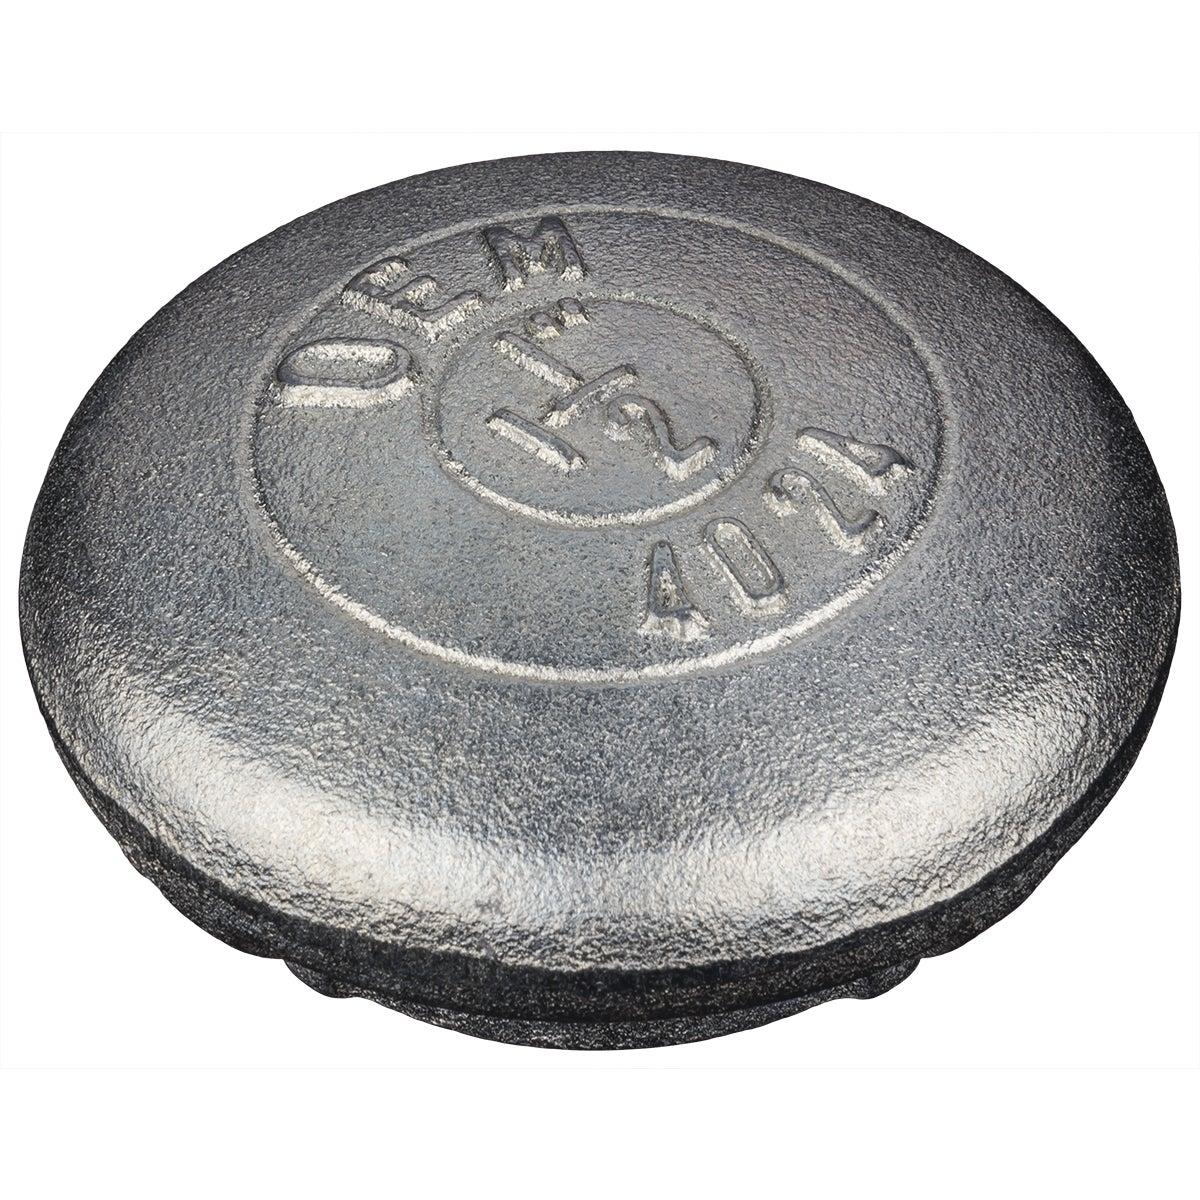 1-1/2 MSHRM TNK VENT CAP